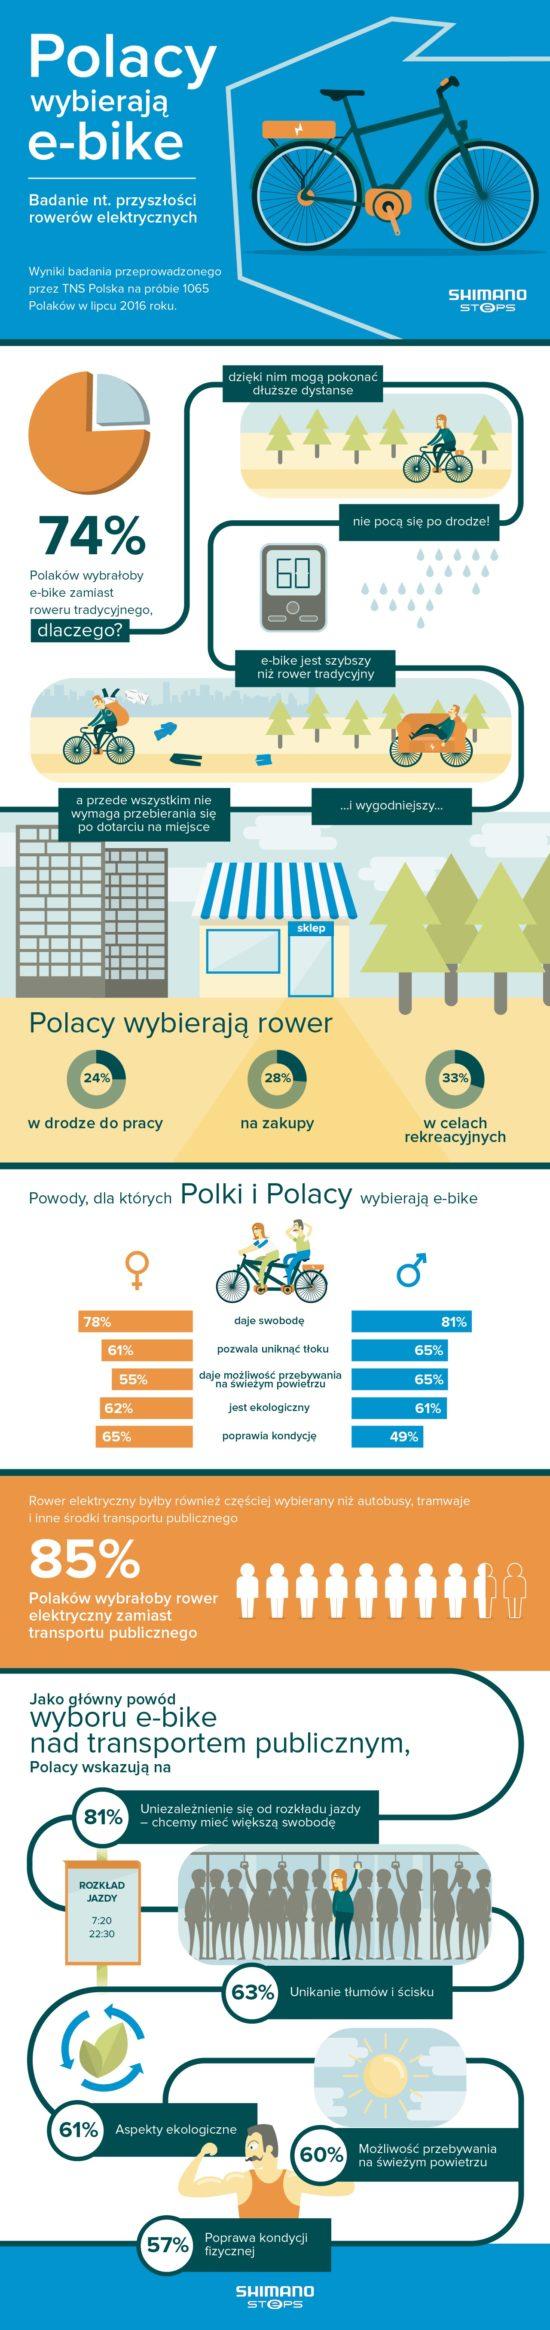 infografika_polacy-wybieraja-e-bike_shimanosteps